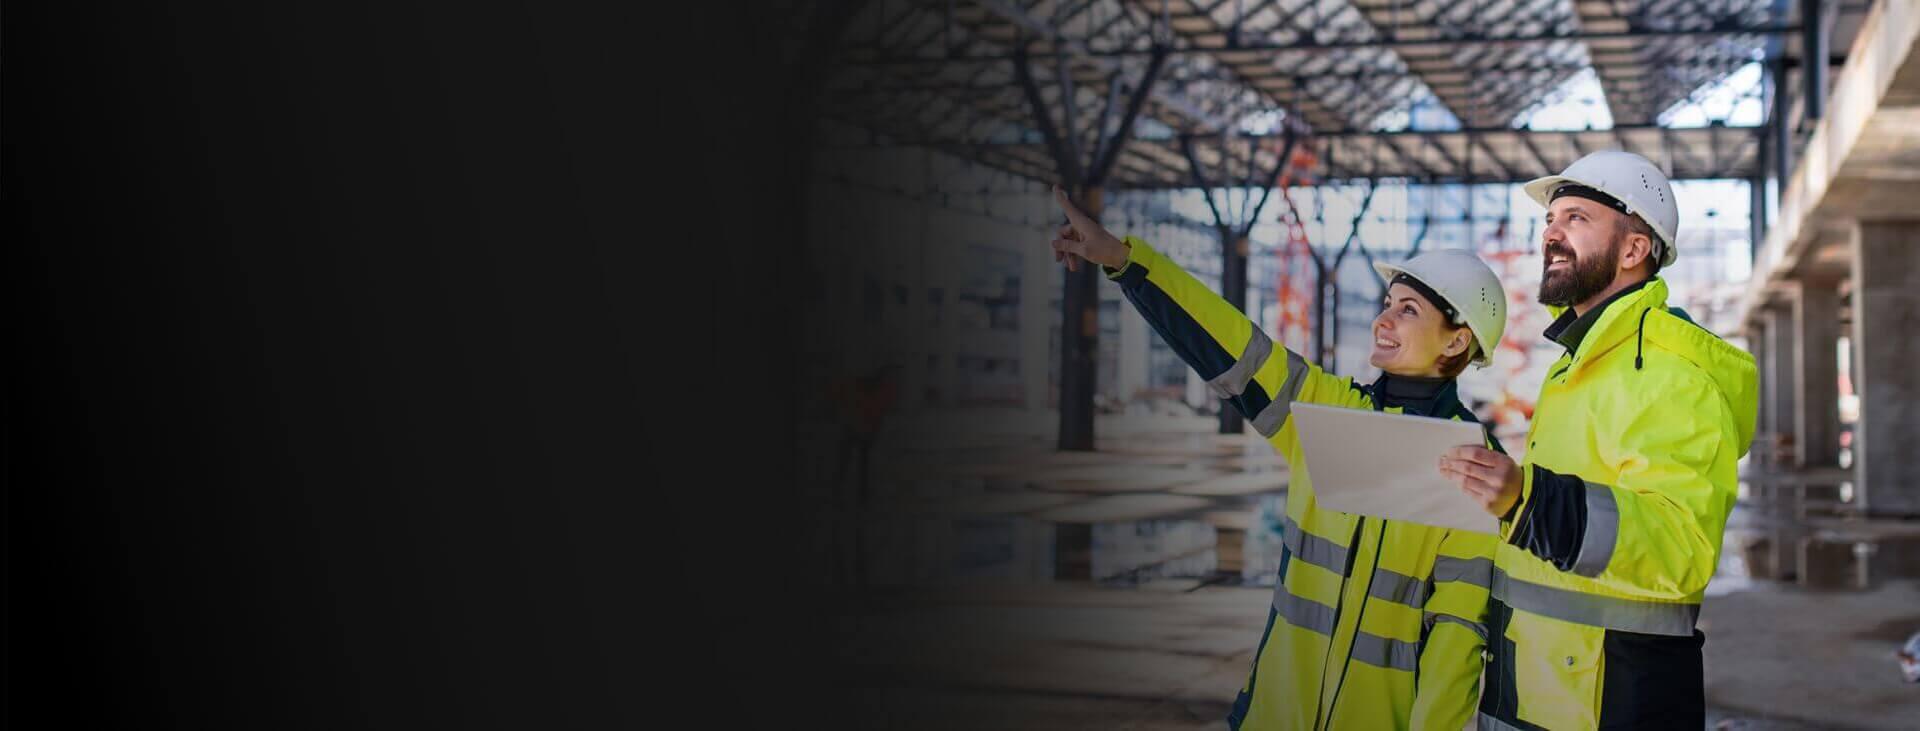 Archdesk ERP-Lösung der nächsten Generation für das Baugewerbe